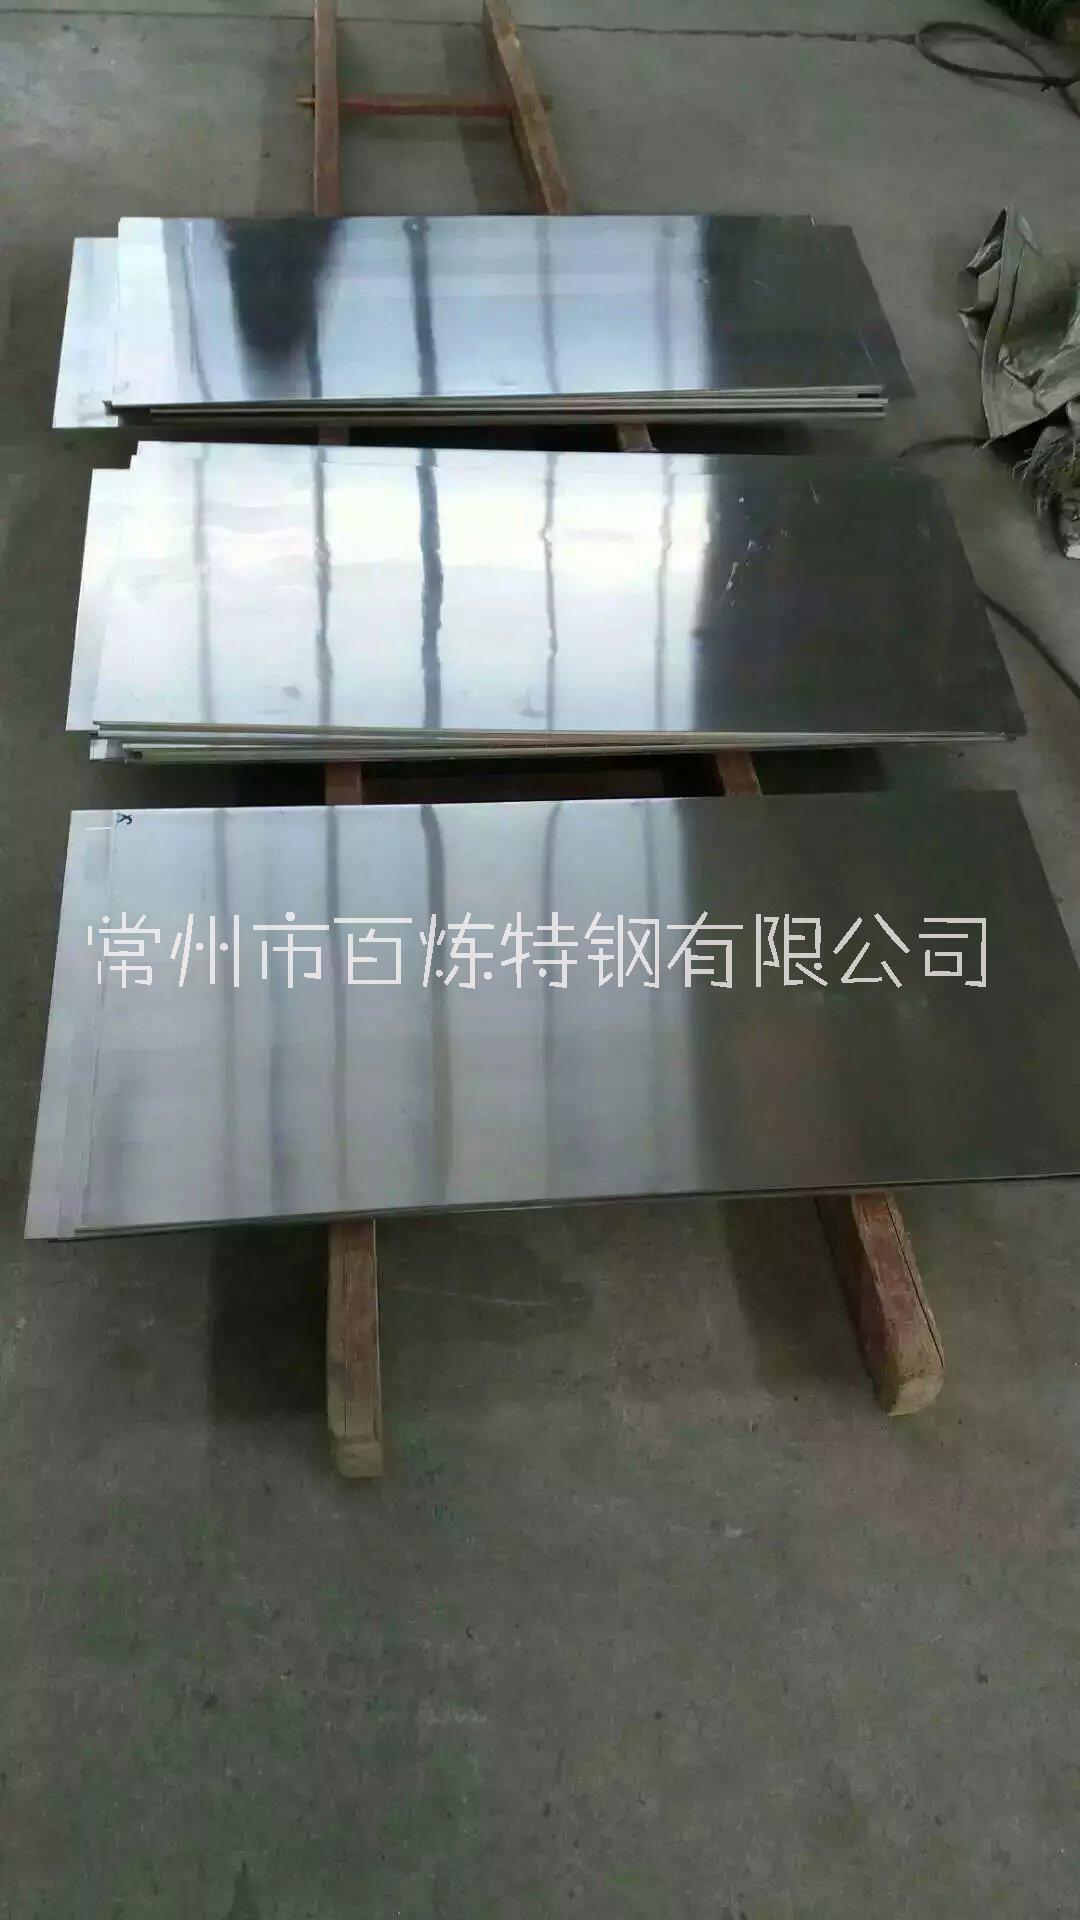 GH5188大量供应 GH5188 板材 高温合金棒材 GH5188棒材,现货可定制